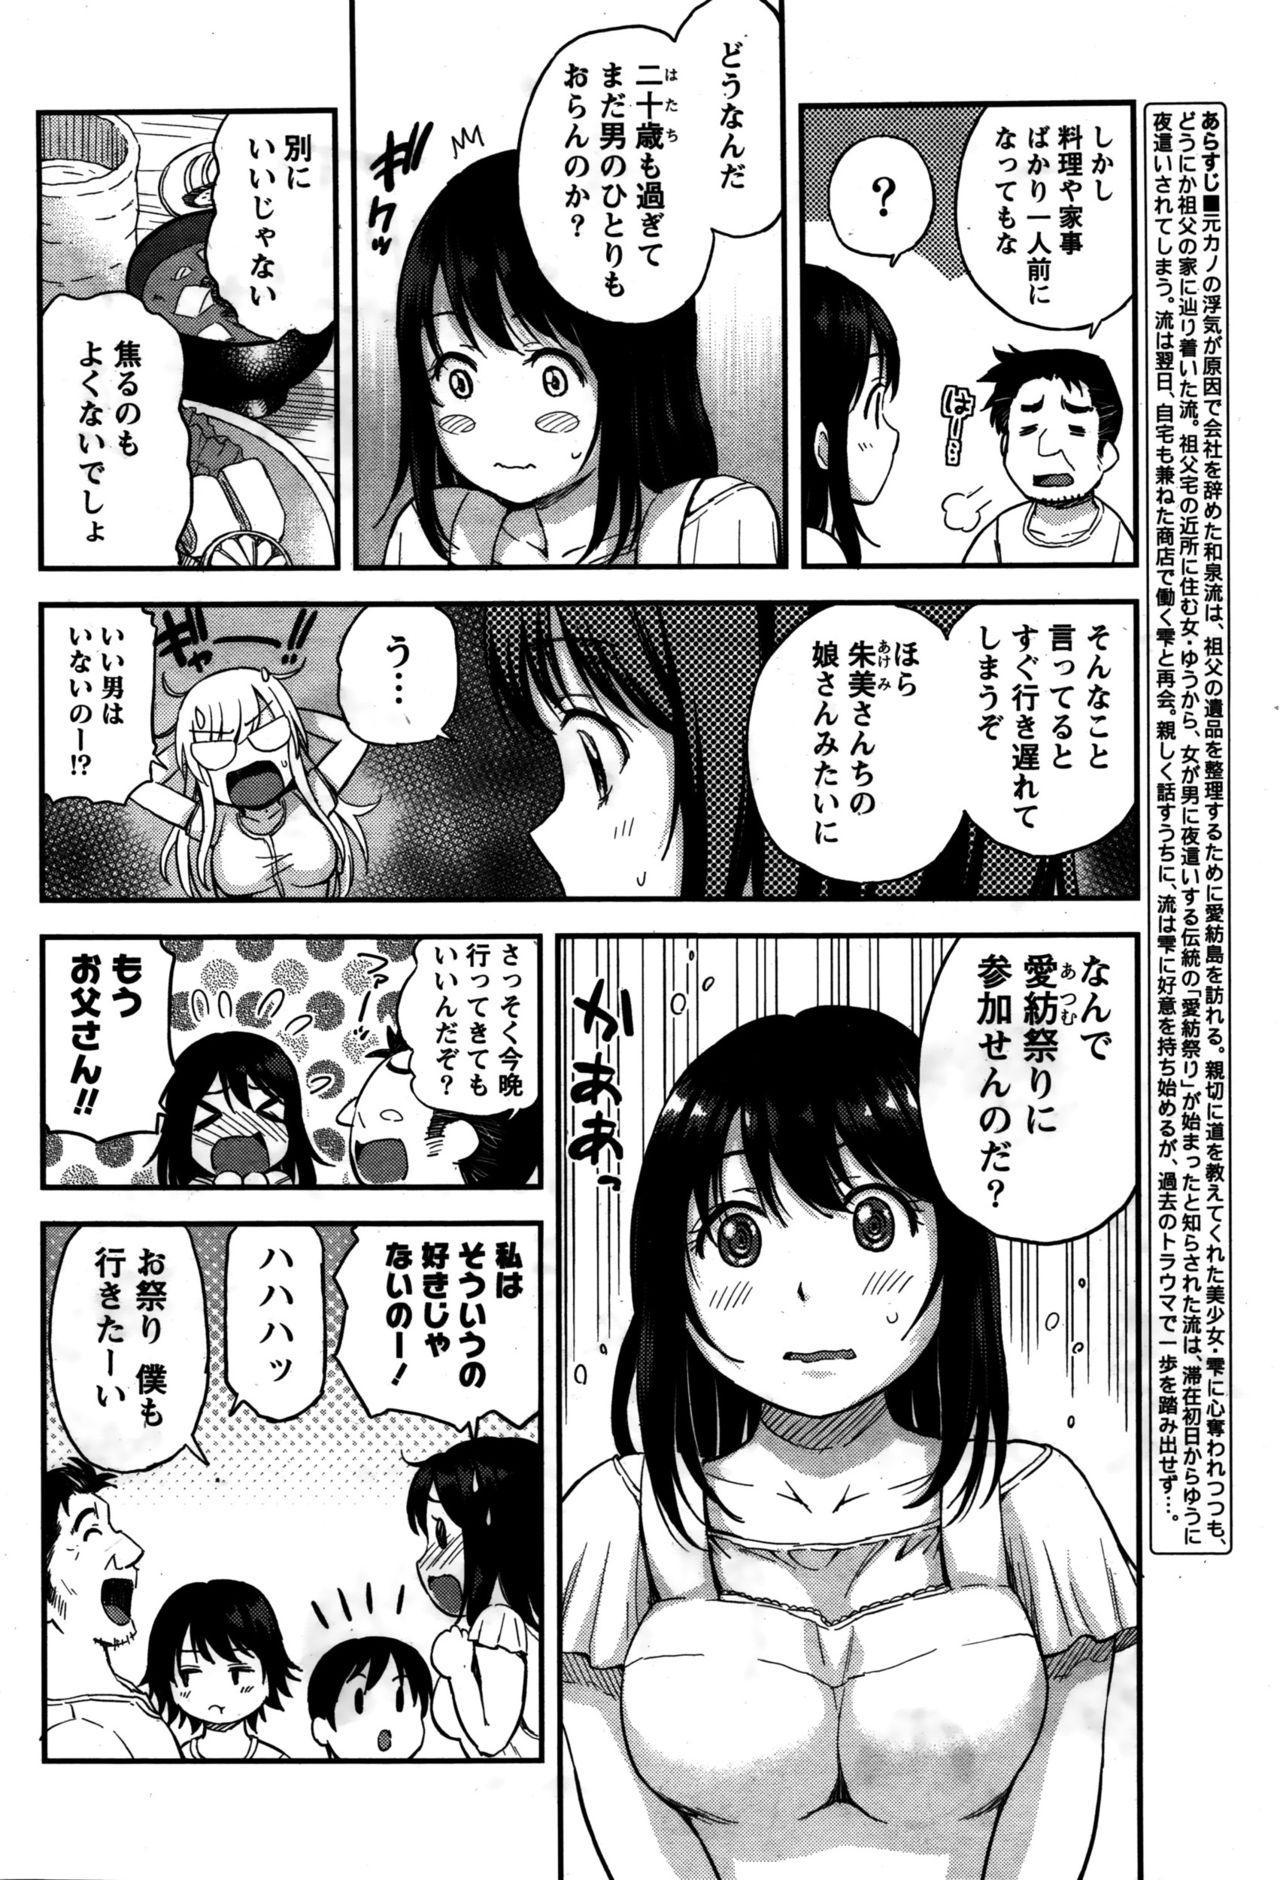 [Higashino Mikan] Atsumujima no Megumi-sama - Goddess of Atsumu-Island 46